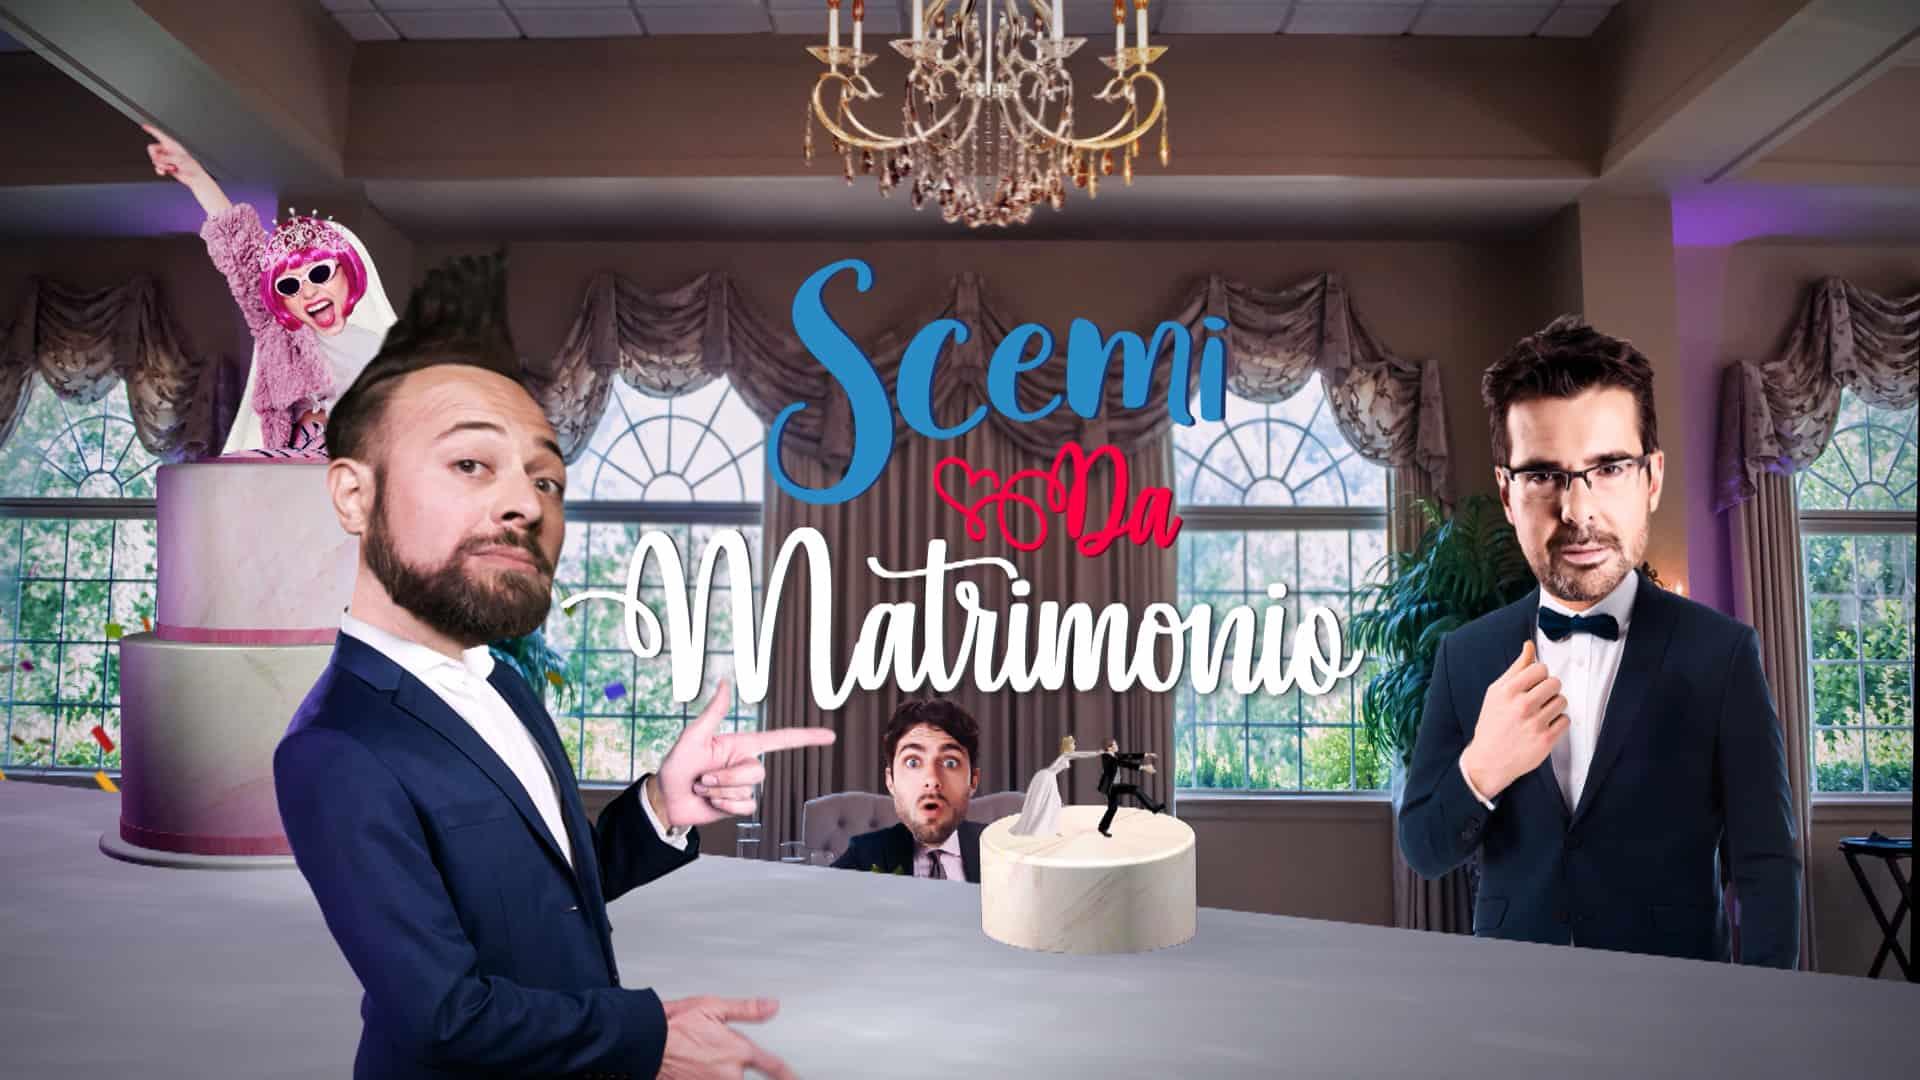 Mitch ci racconta gli Scherzi di Scemi da Matrimonio il nuovo programma di Tv8